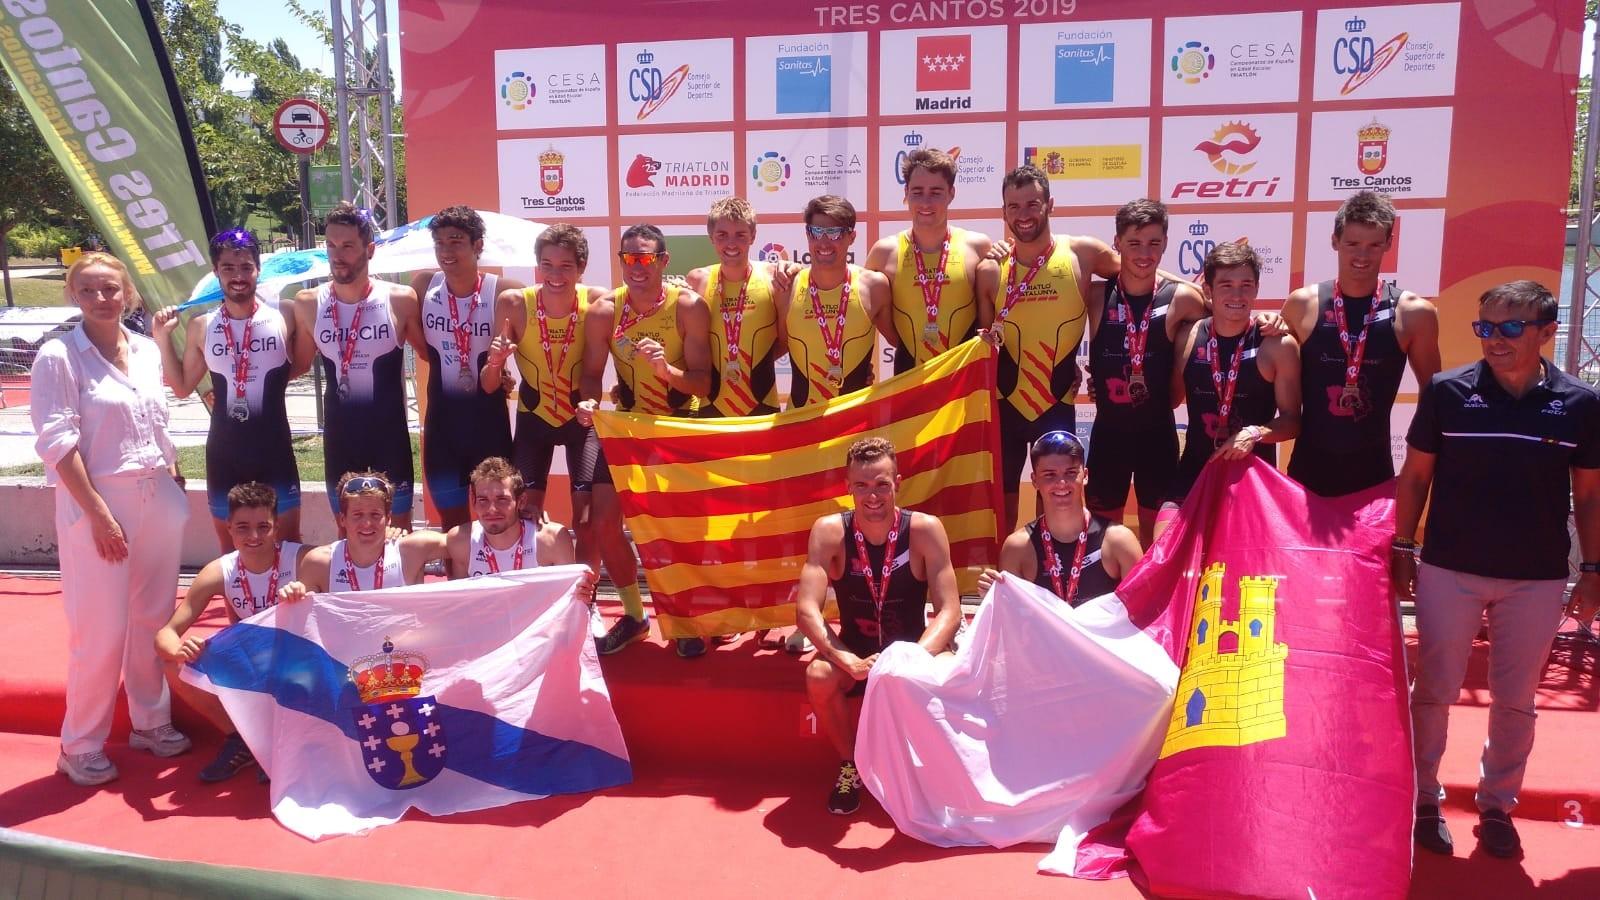 Campeonato de España de Autonomías 2019